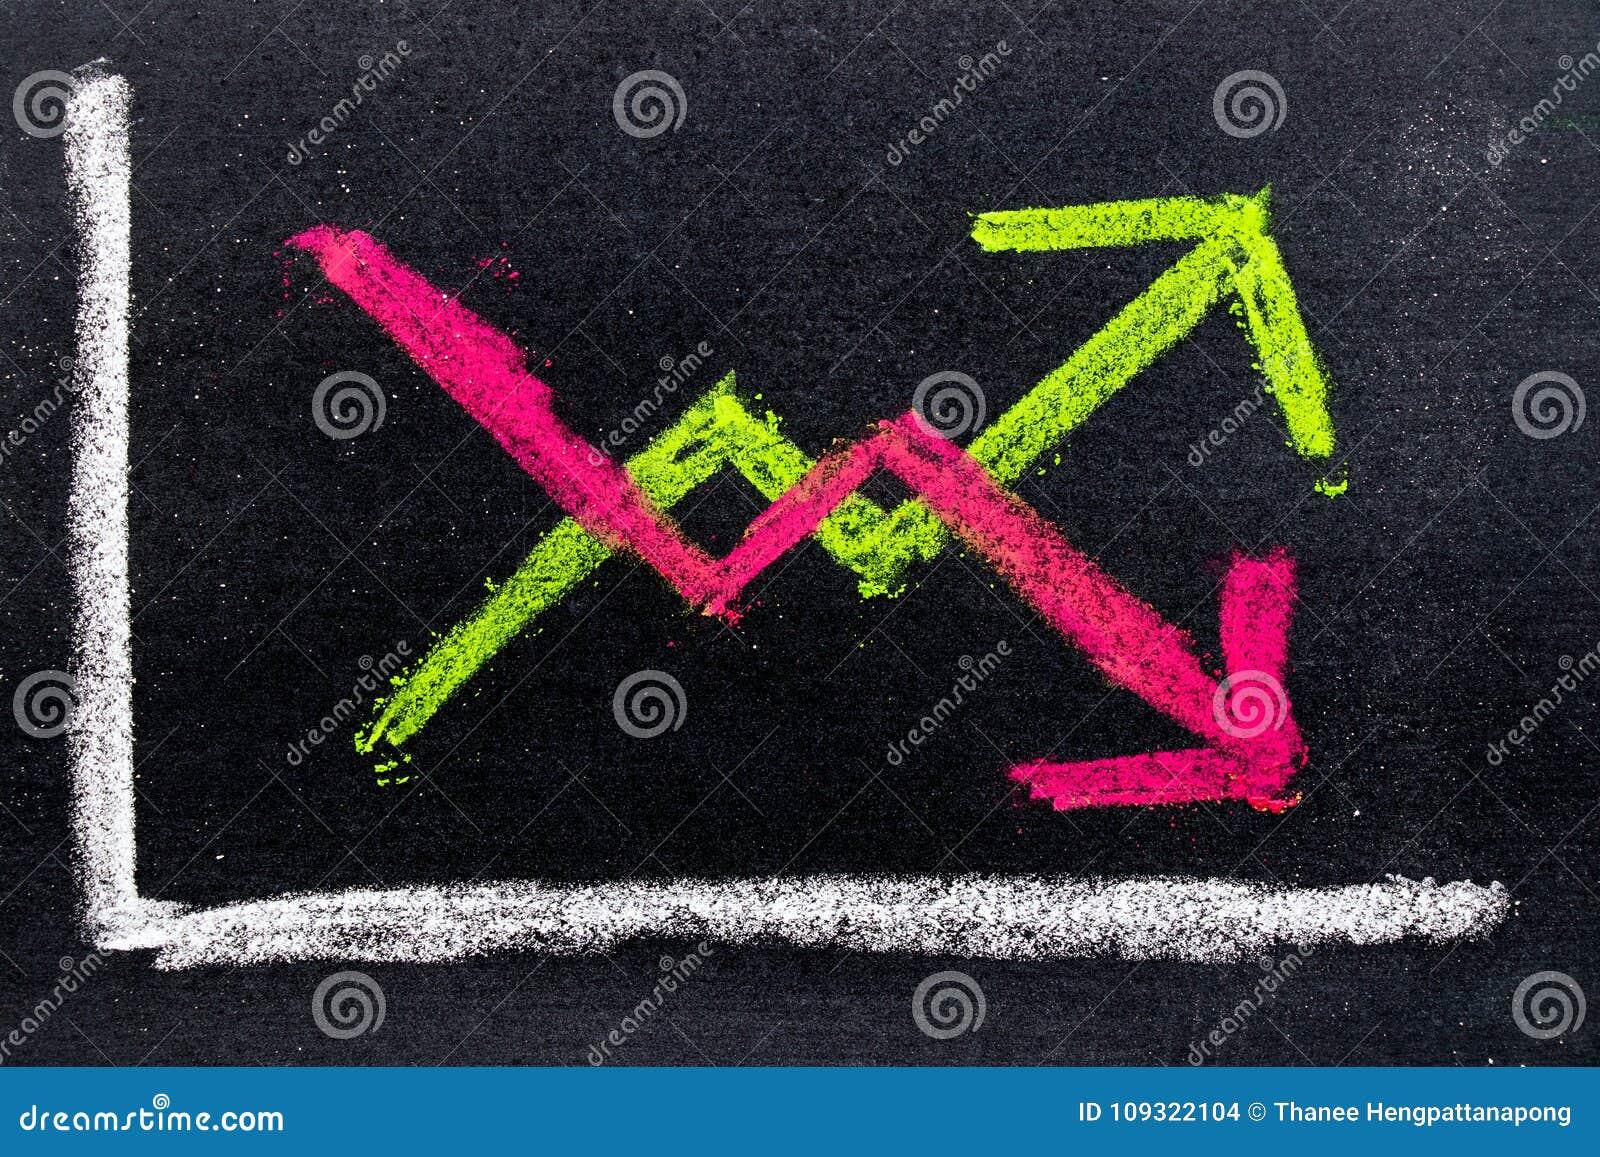 Soumettez le dessin de la craie verte et rouge à travers la forme de flèche